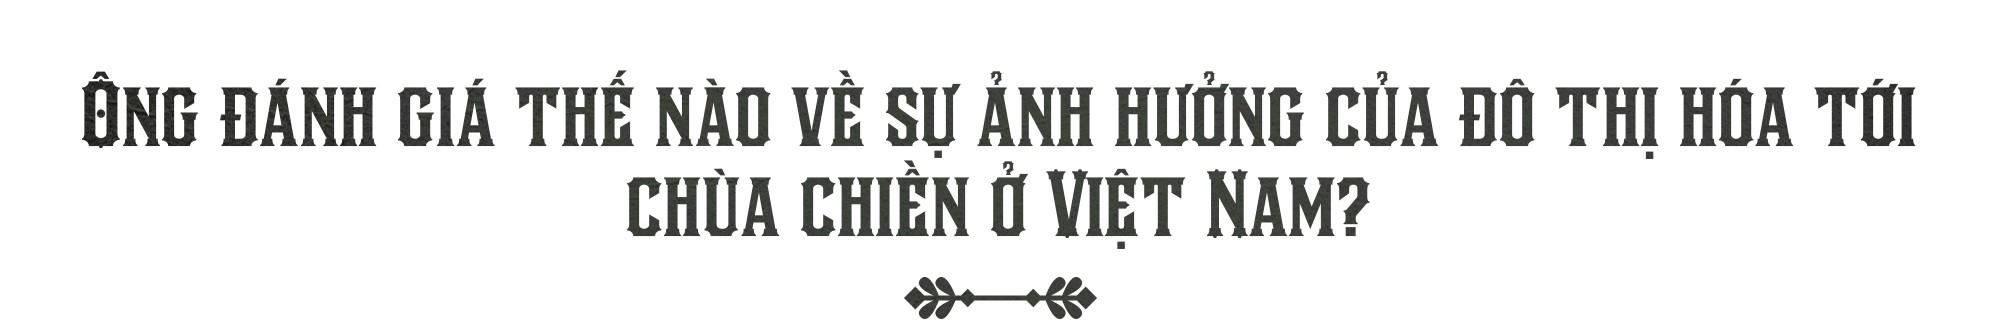 Văn hóa Việt và chùa chiền hấp dẫn tôi một cách tự nhiên - Ảnh 19.